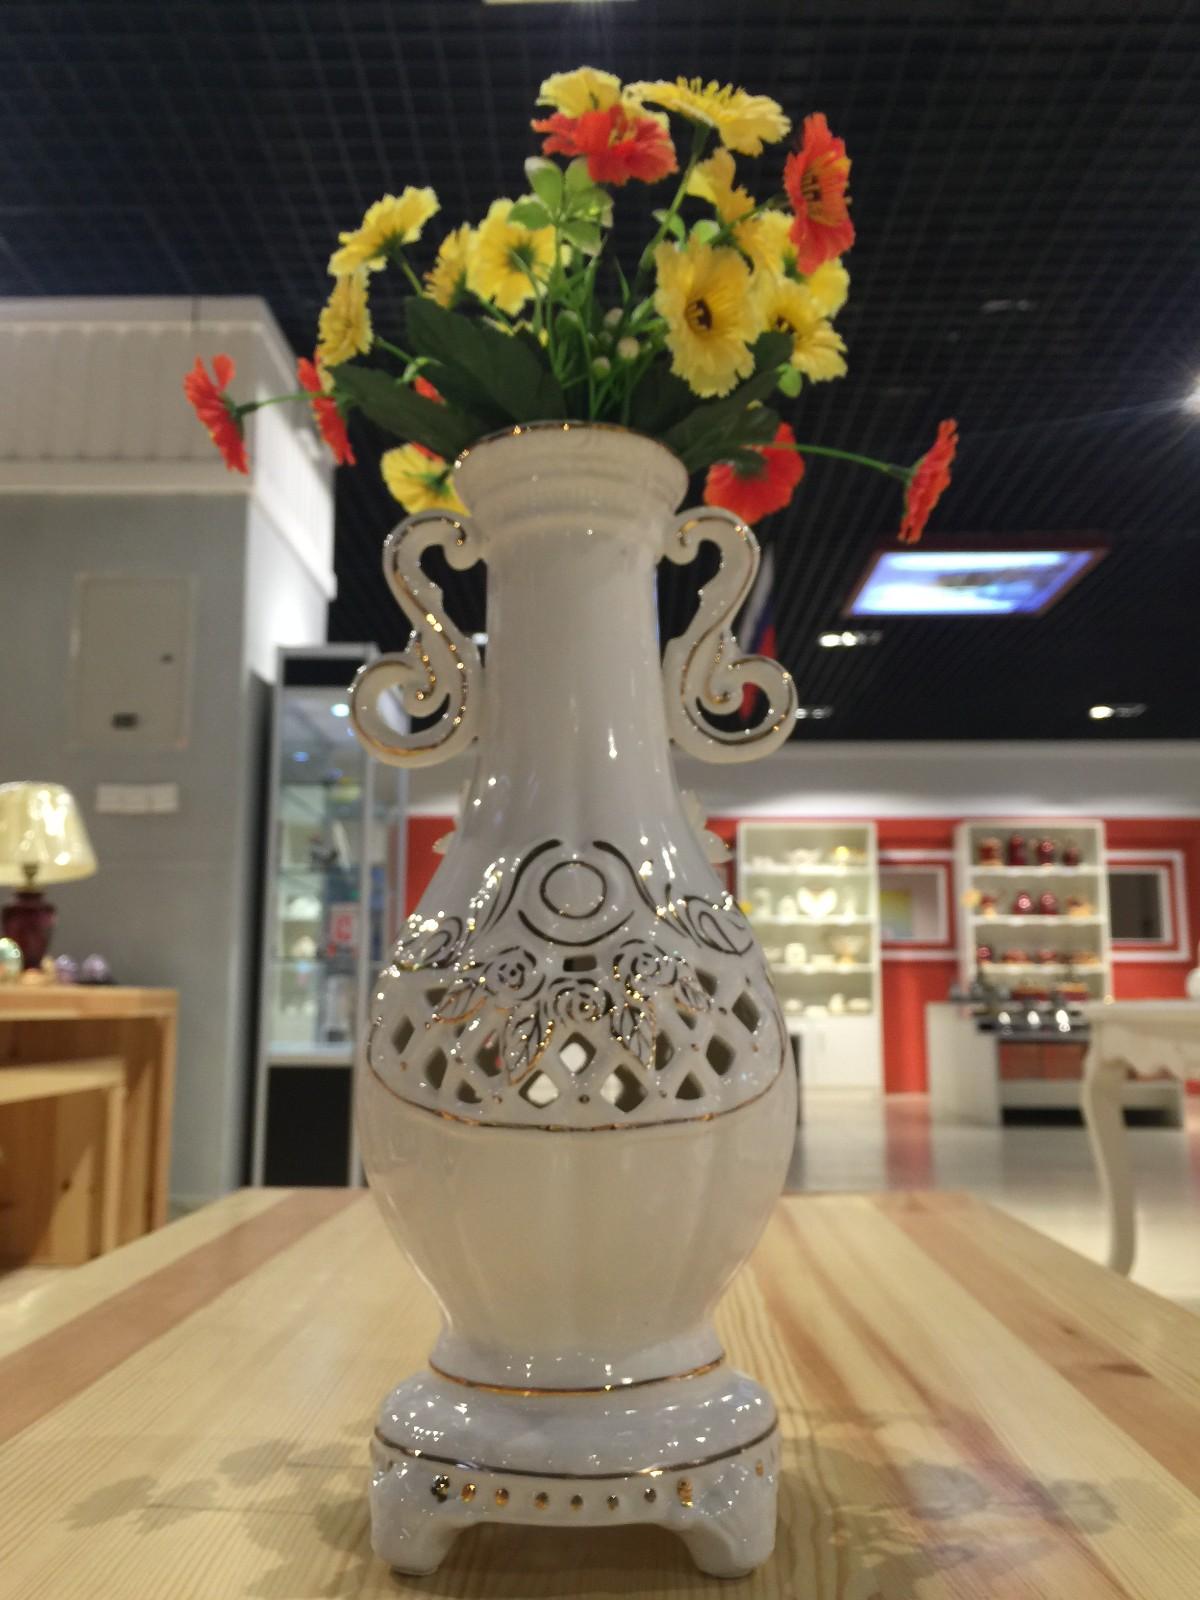 俄罗斯陶瓷工艺品 玫瑰花瓶图片二